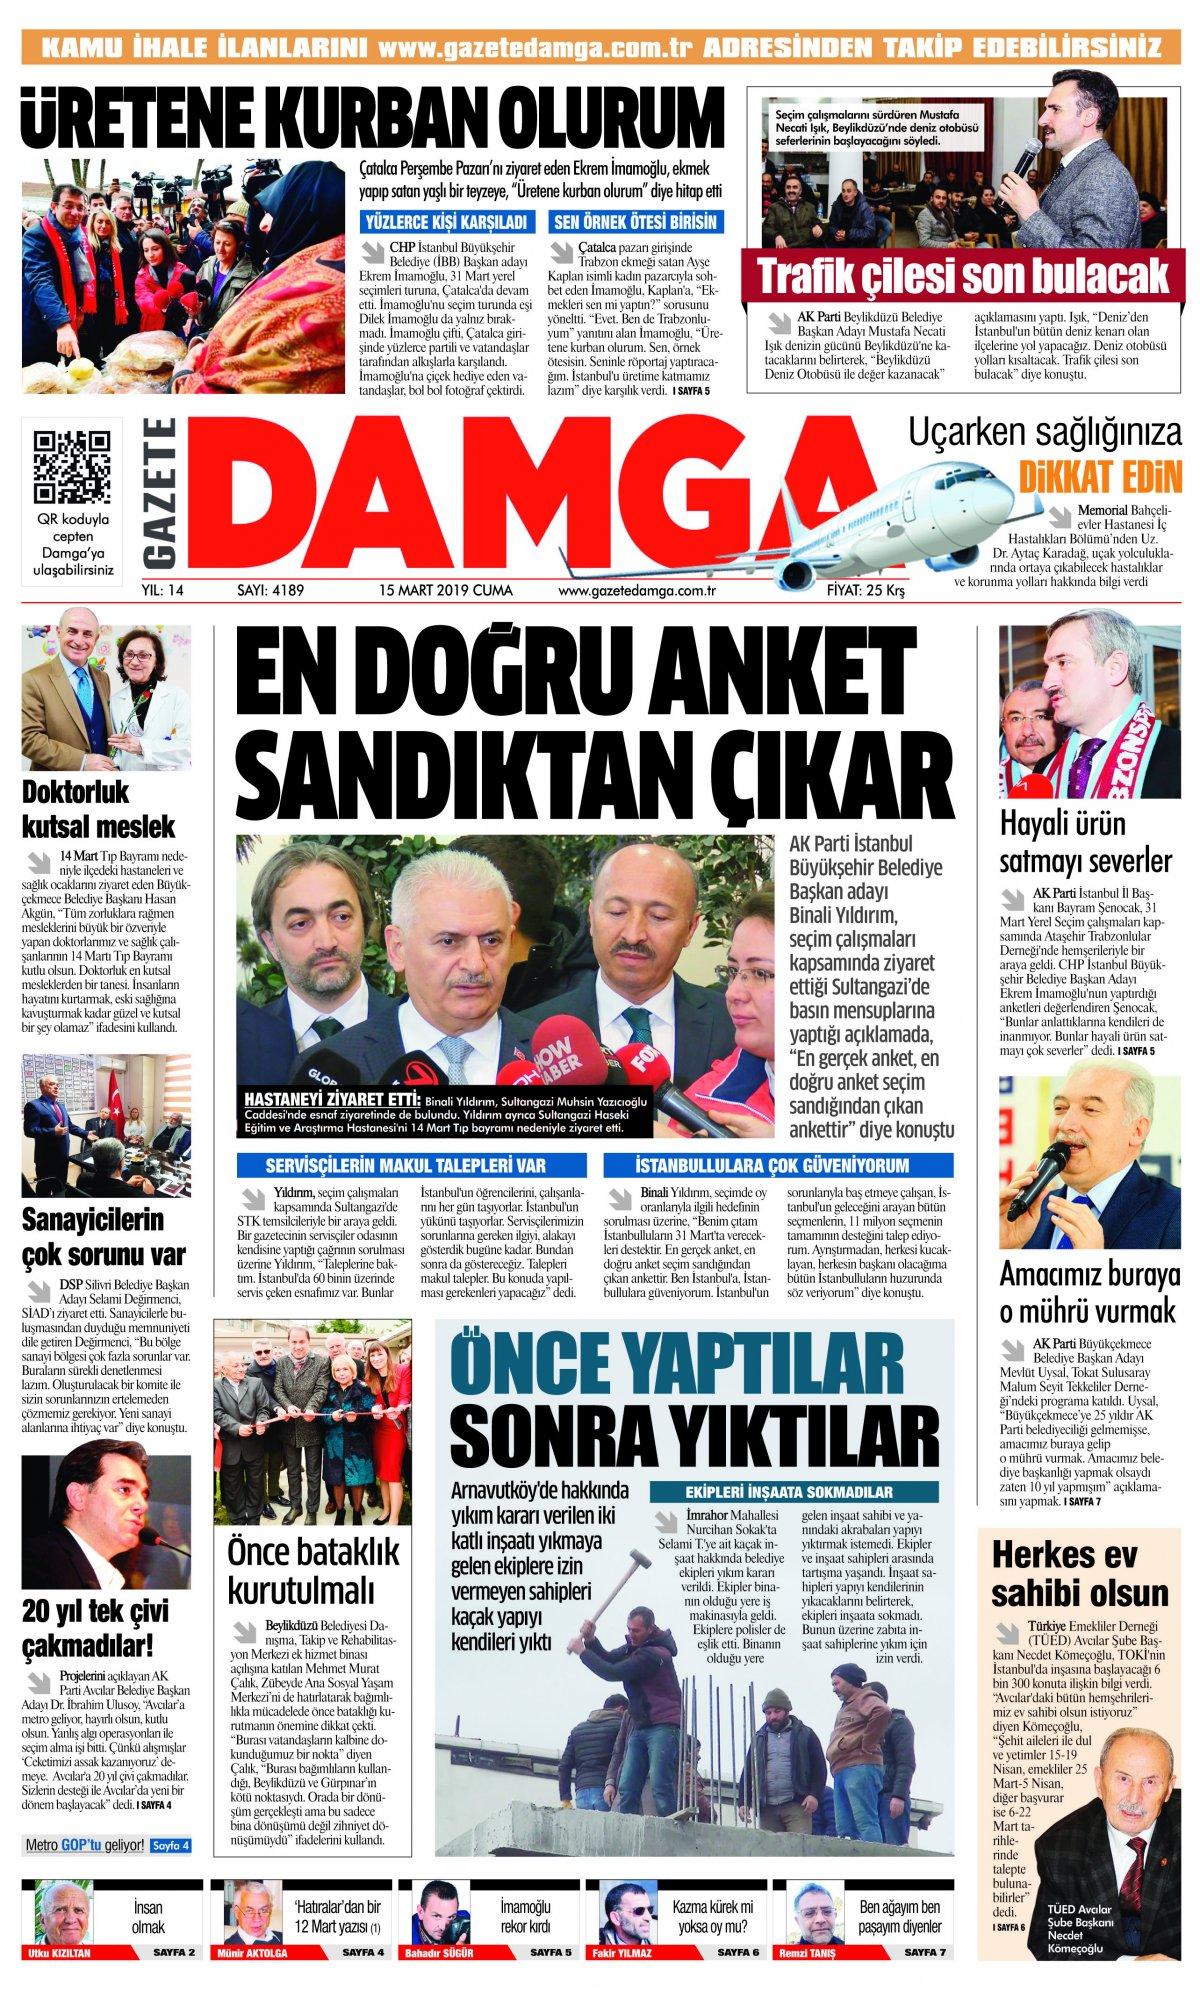 Gazete Damga - 15.03.2019 Sayfaları